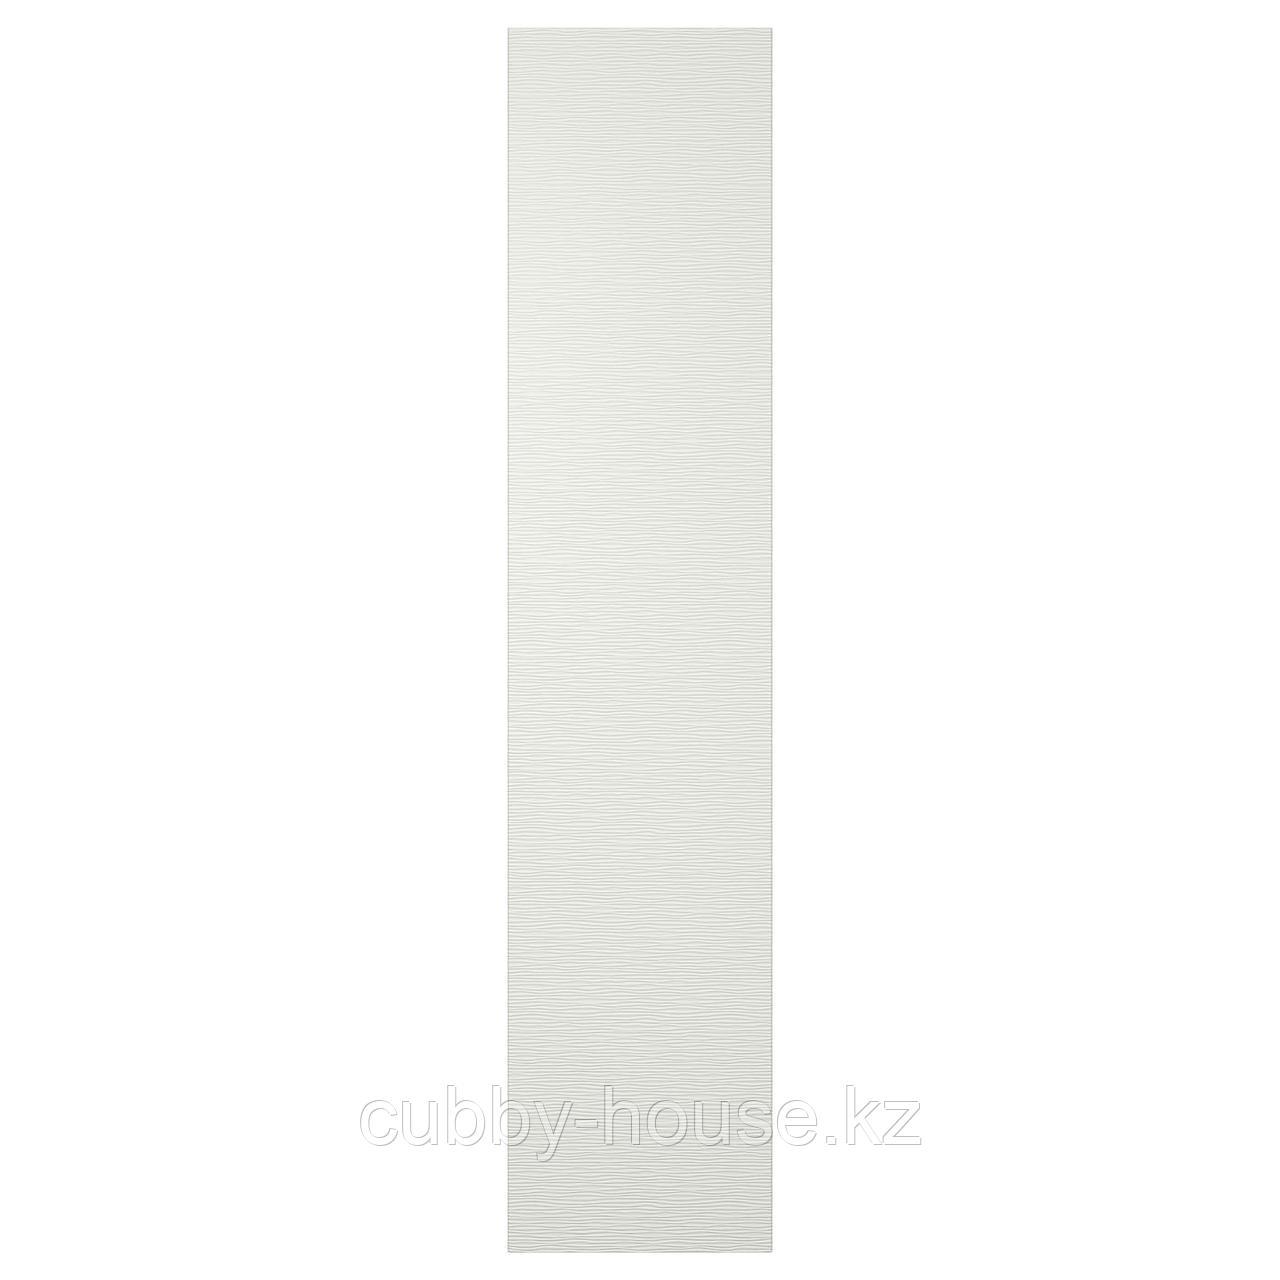 ВИНТЕРБРО Дверца с петлями, белый, 50x229 см